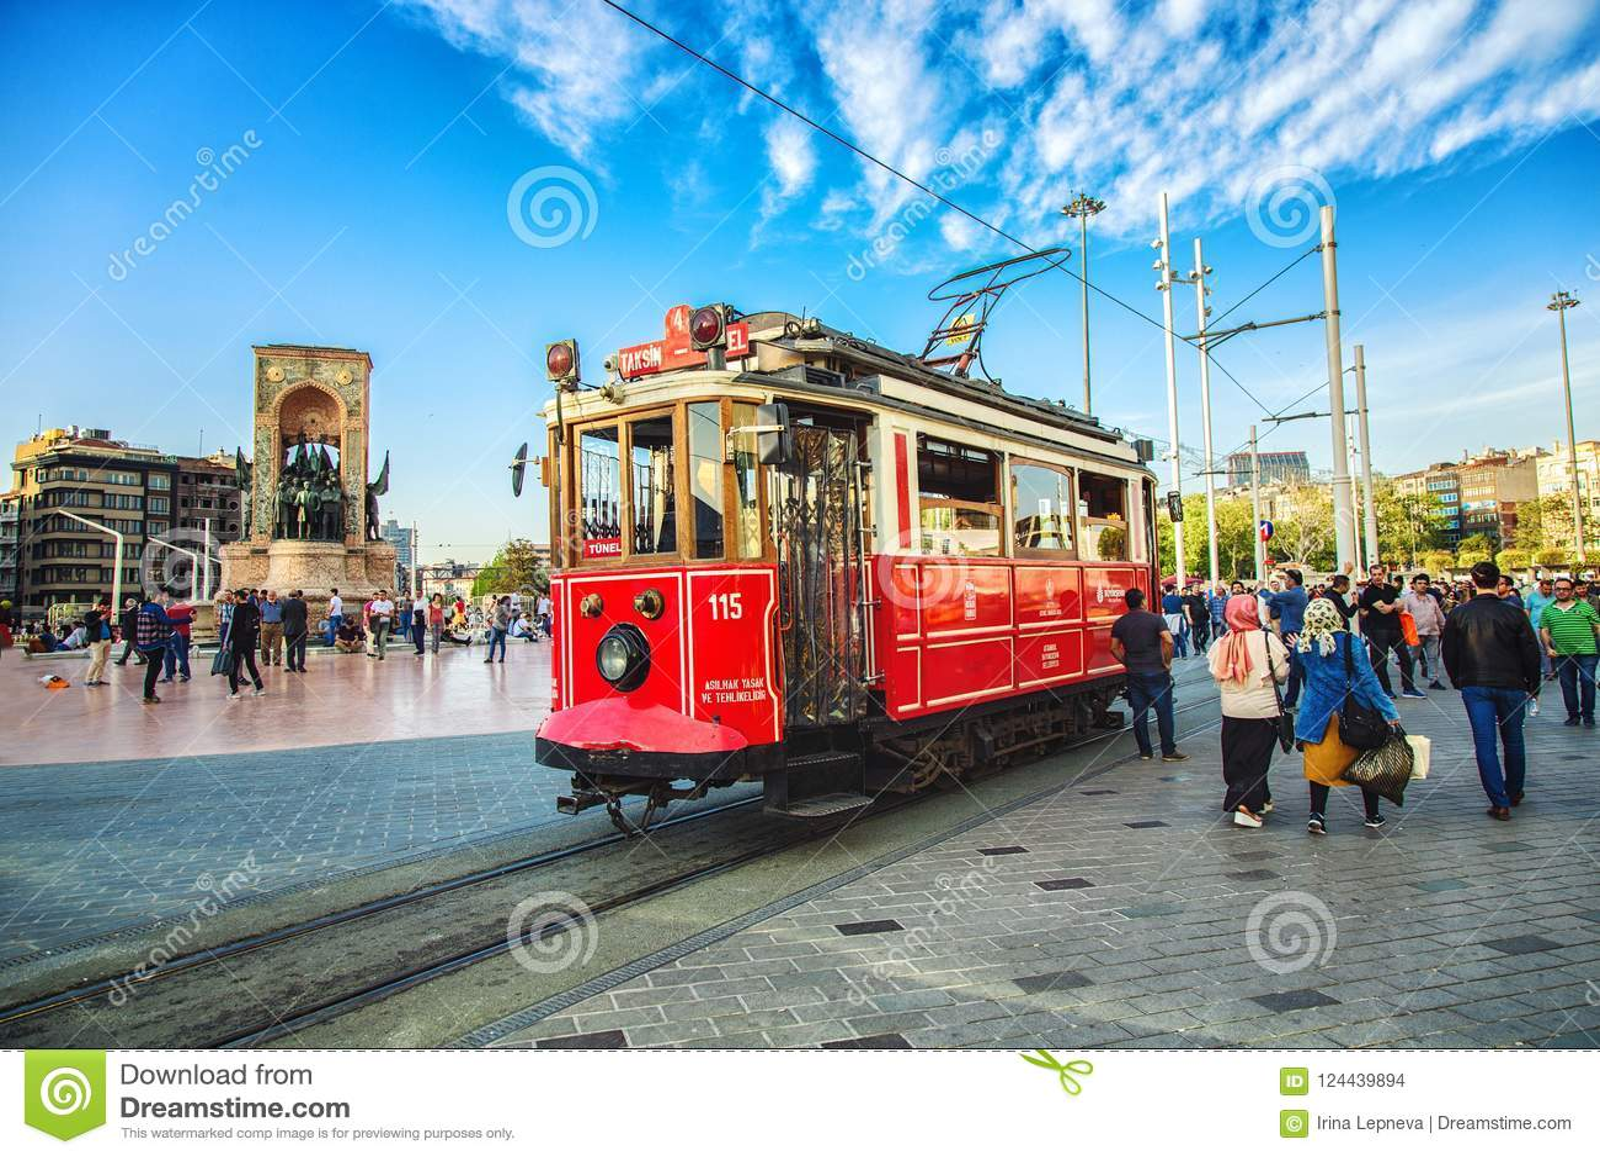 Ντεμοντέ κόκκινο τραμ στην πλατεία Taksim - ο δημοφιλέστερος προορισμός στη Ιστανμπούλ